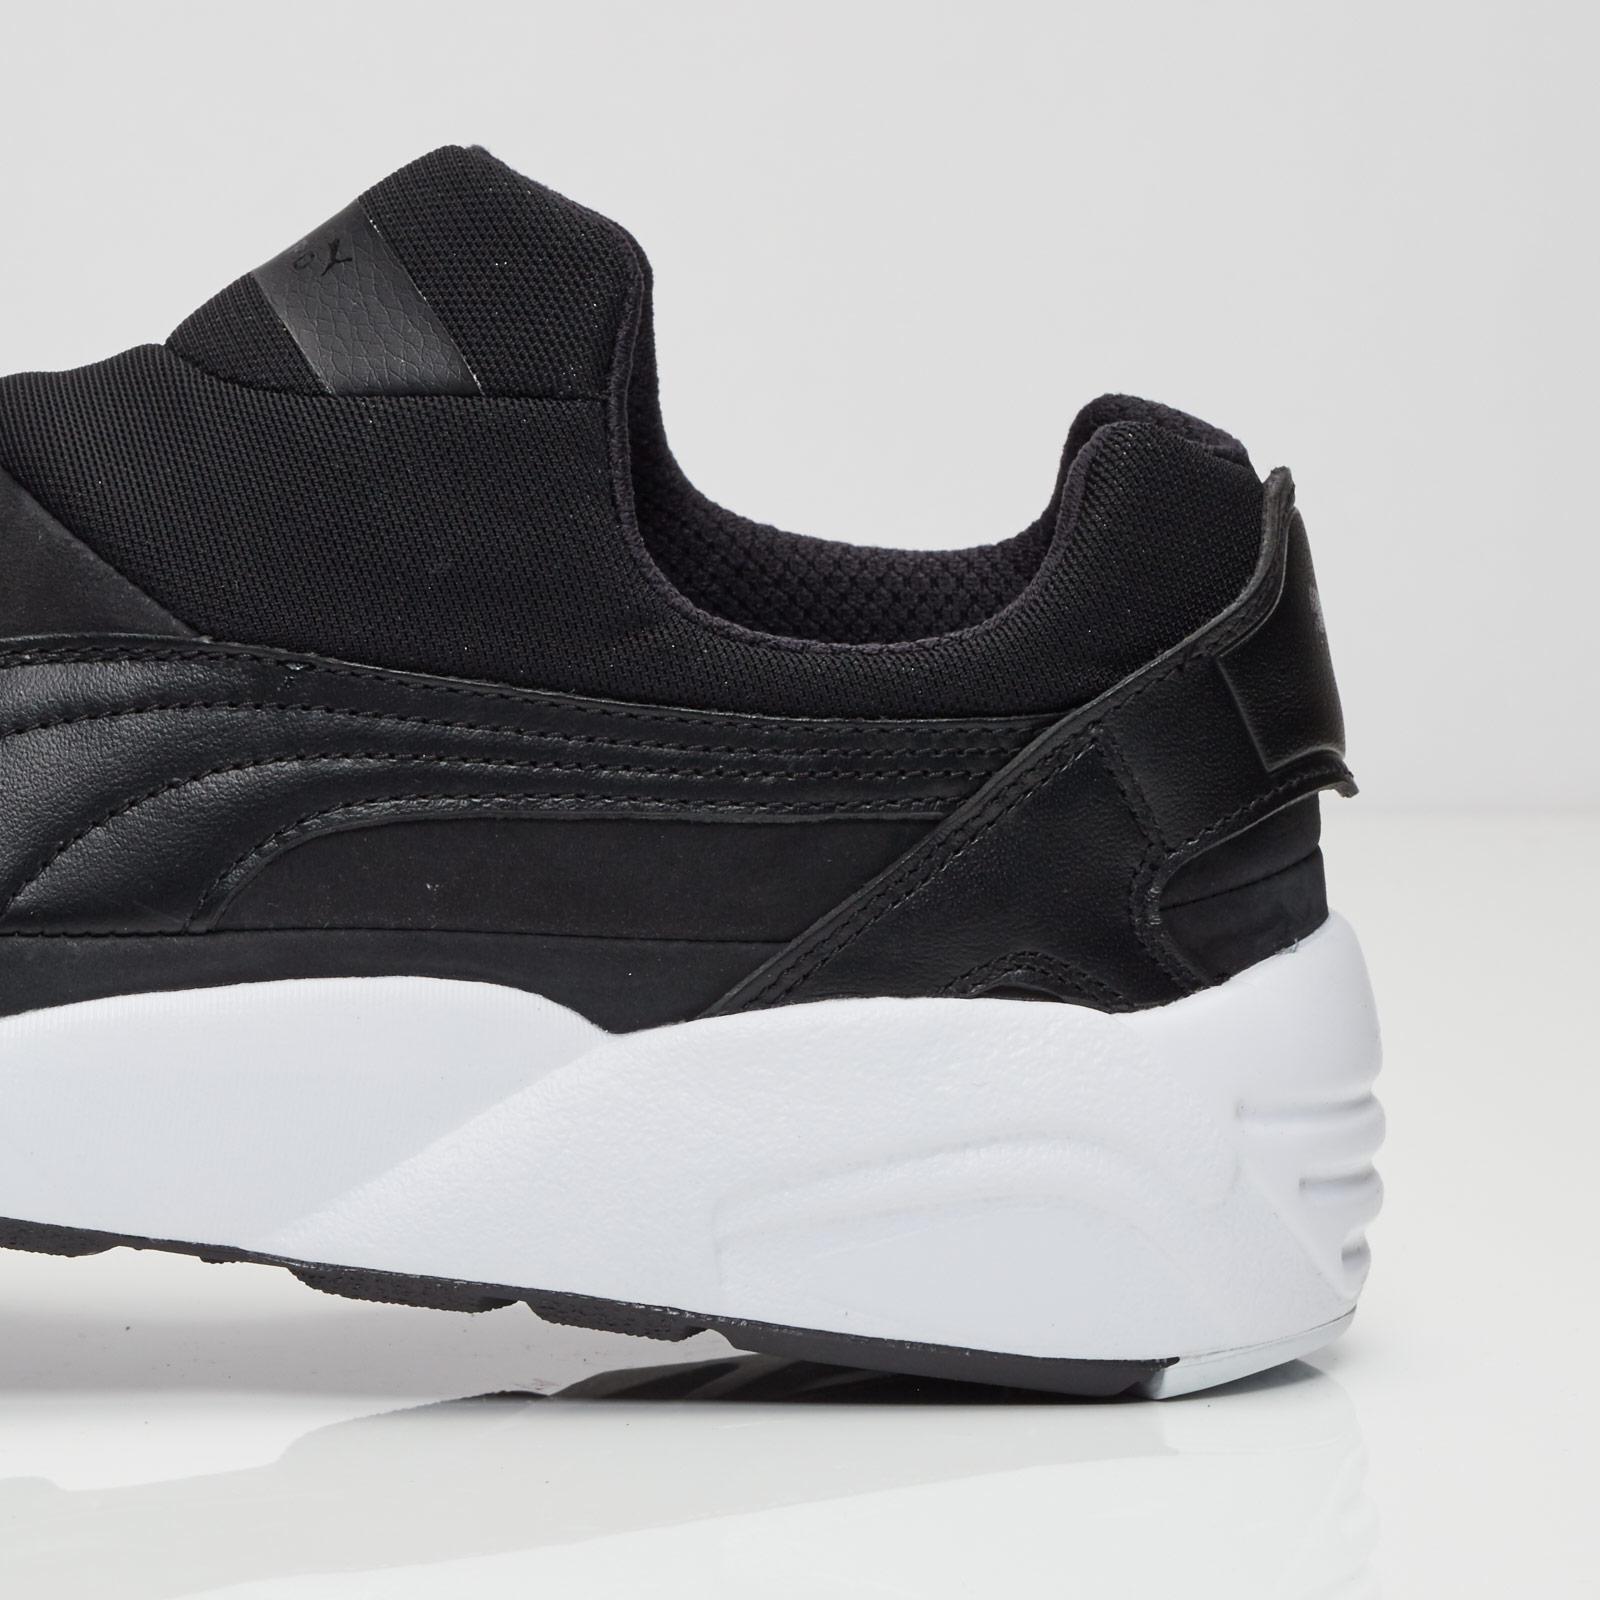 Puma Trinomic Sock NM x Stampd 361429 02 Sneakersnstuff